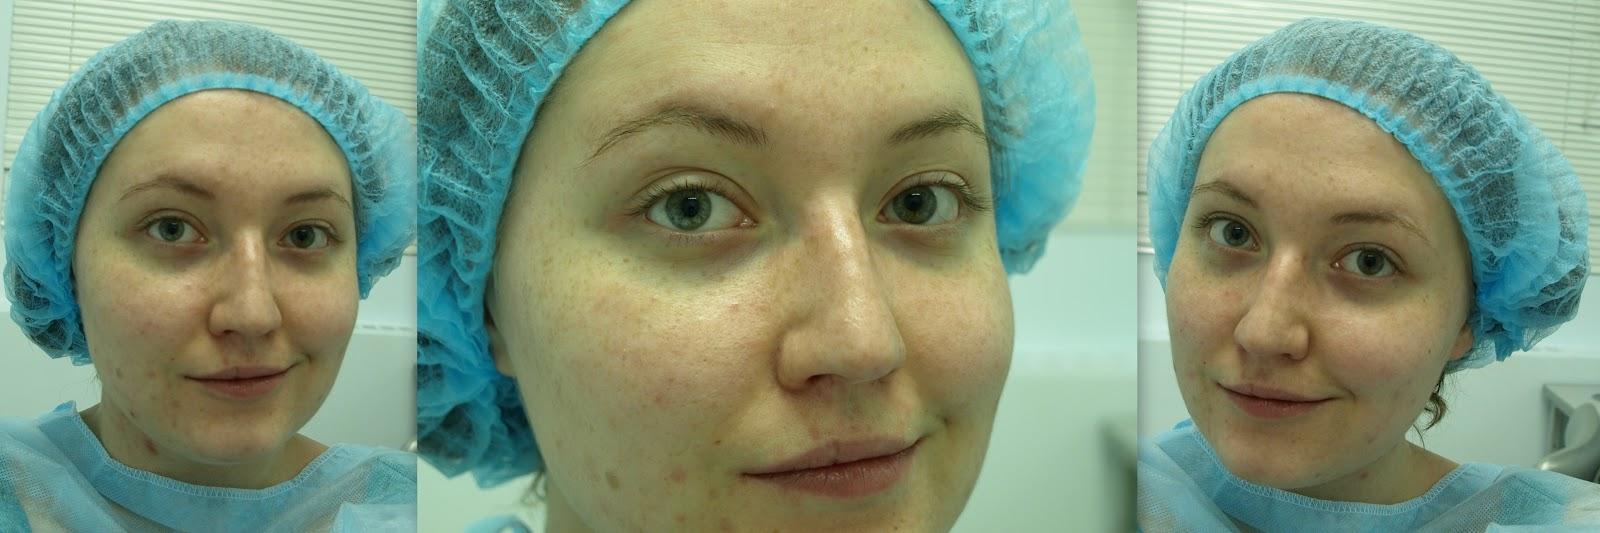 Как сделать маску пленку для лица фото 884